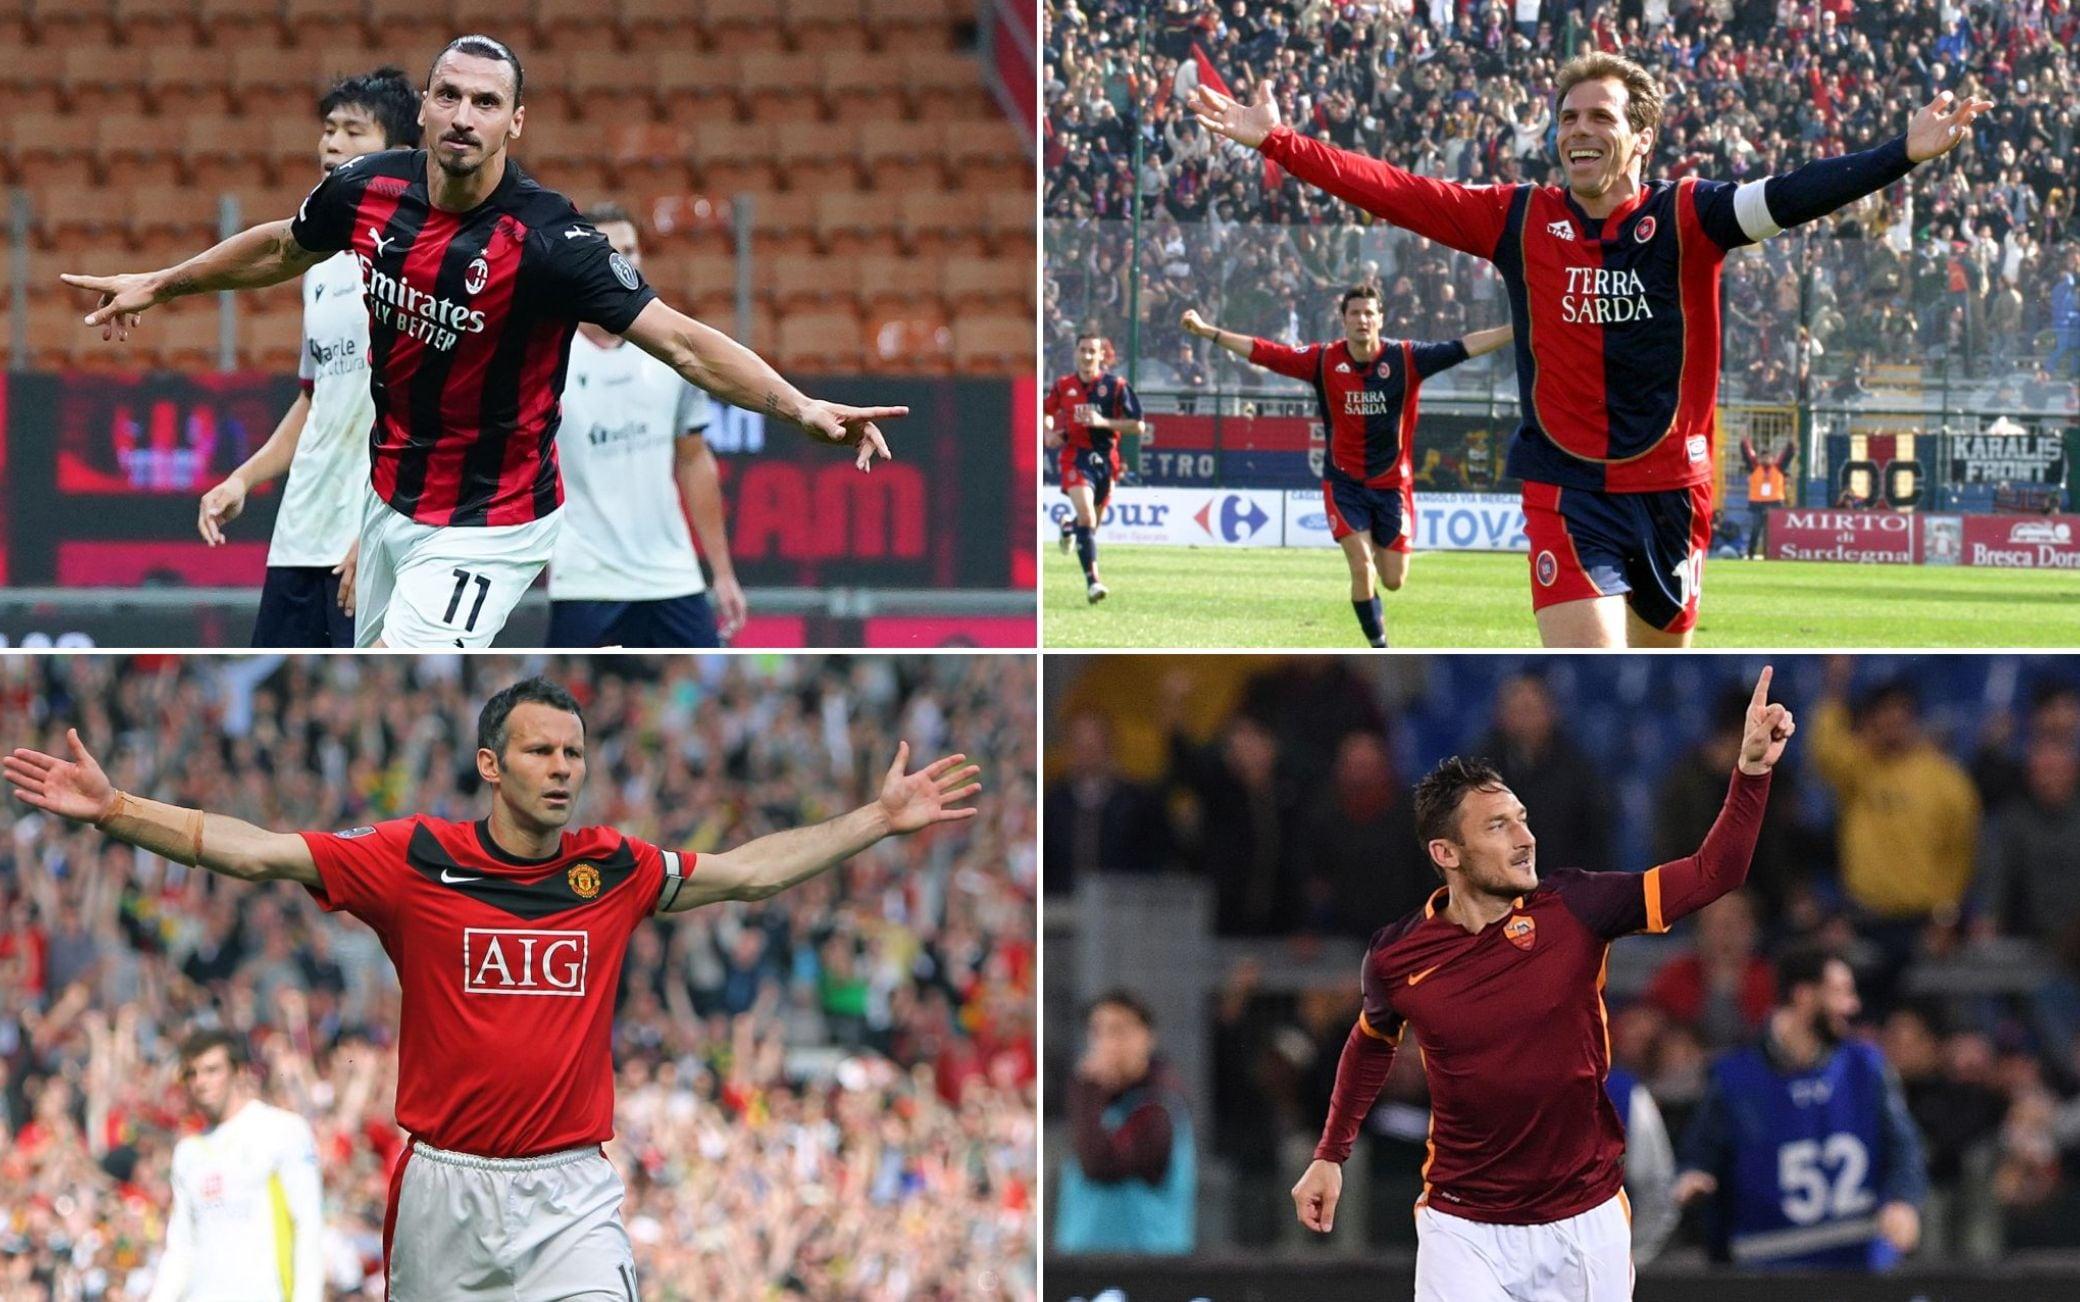 Non solo Ibrahimovic, le doppiette più anziane dal 2000 ad oggi: la  classifica | Sky Sport